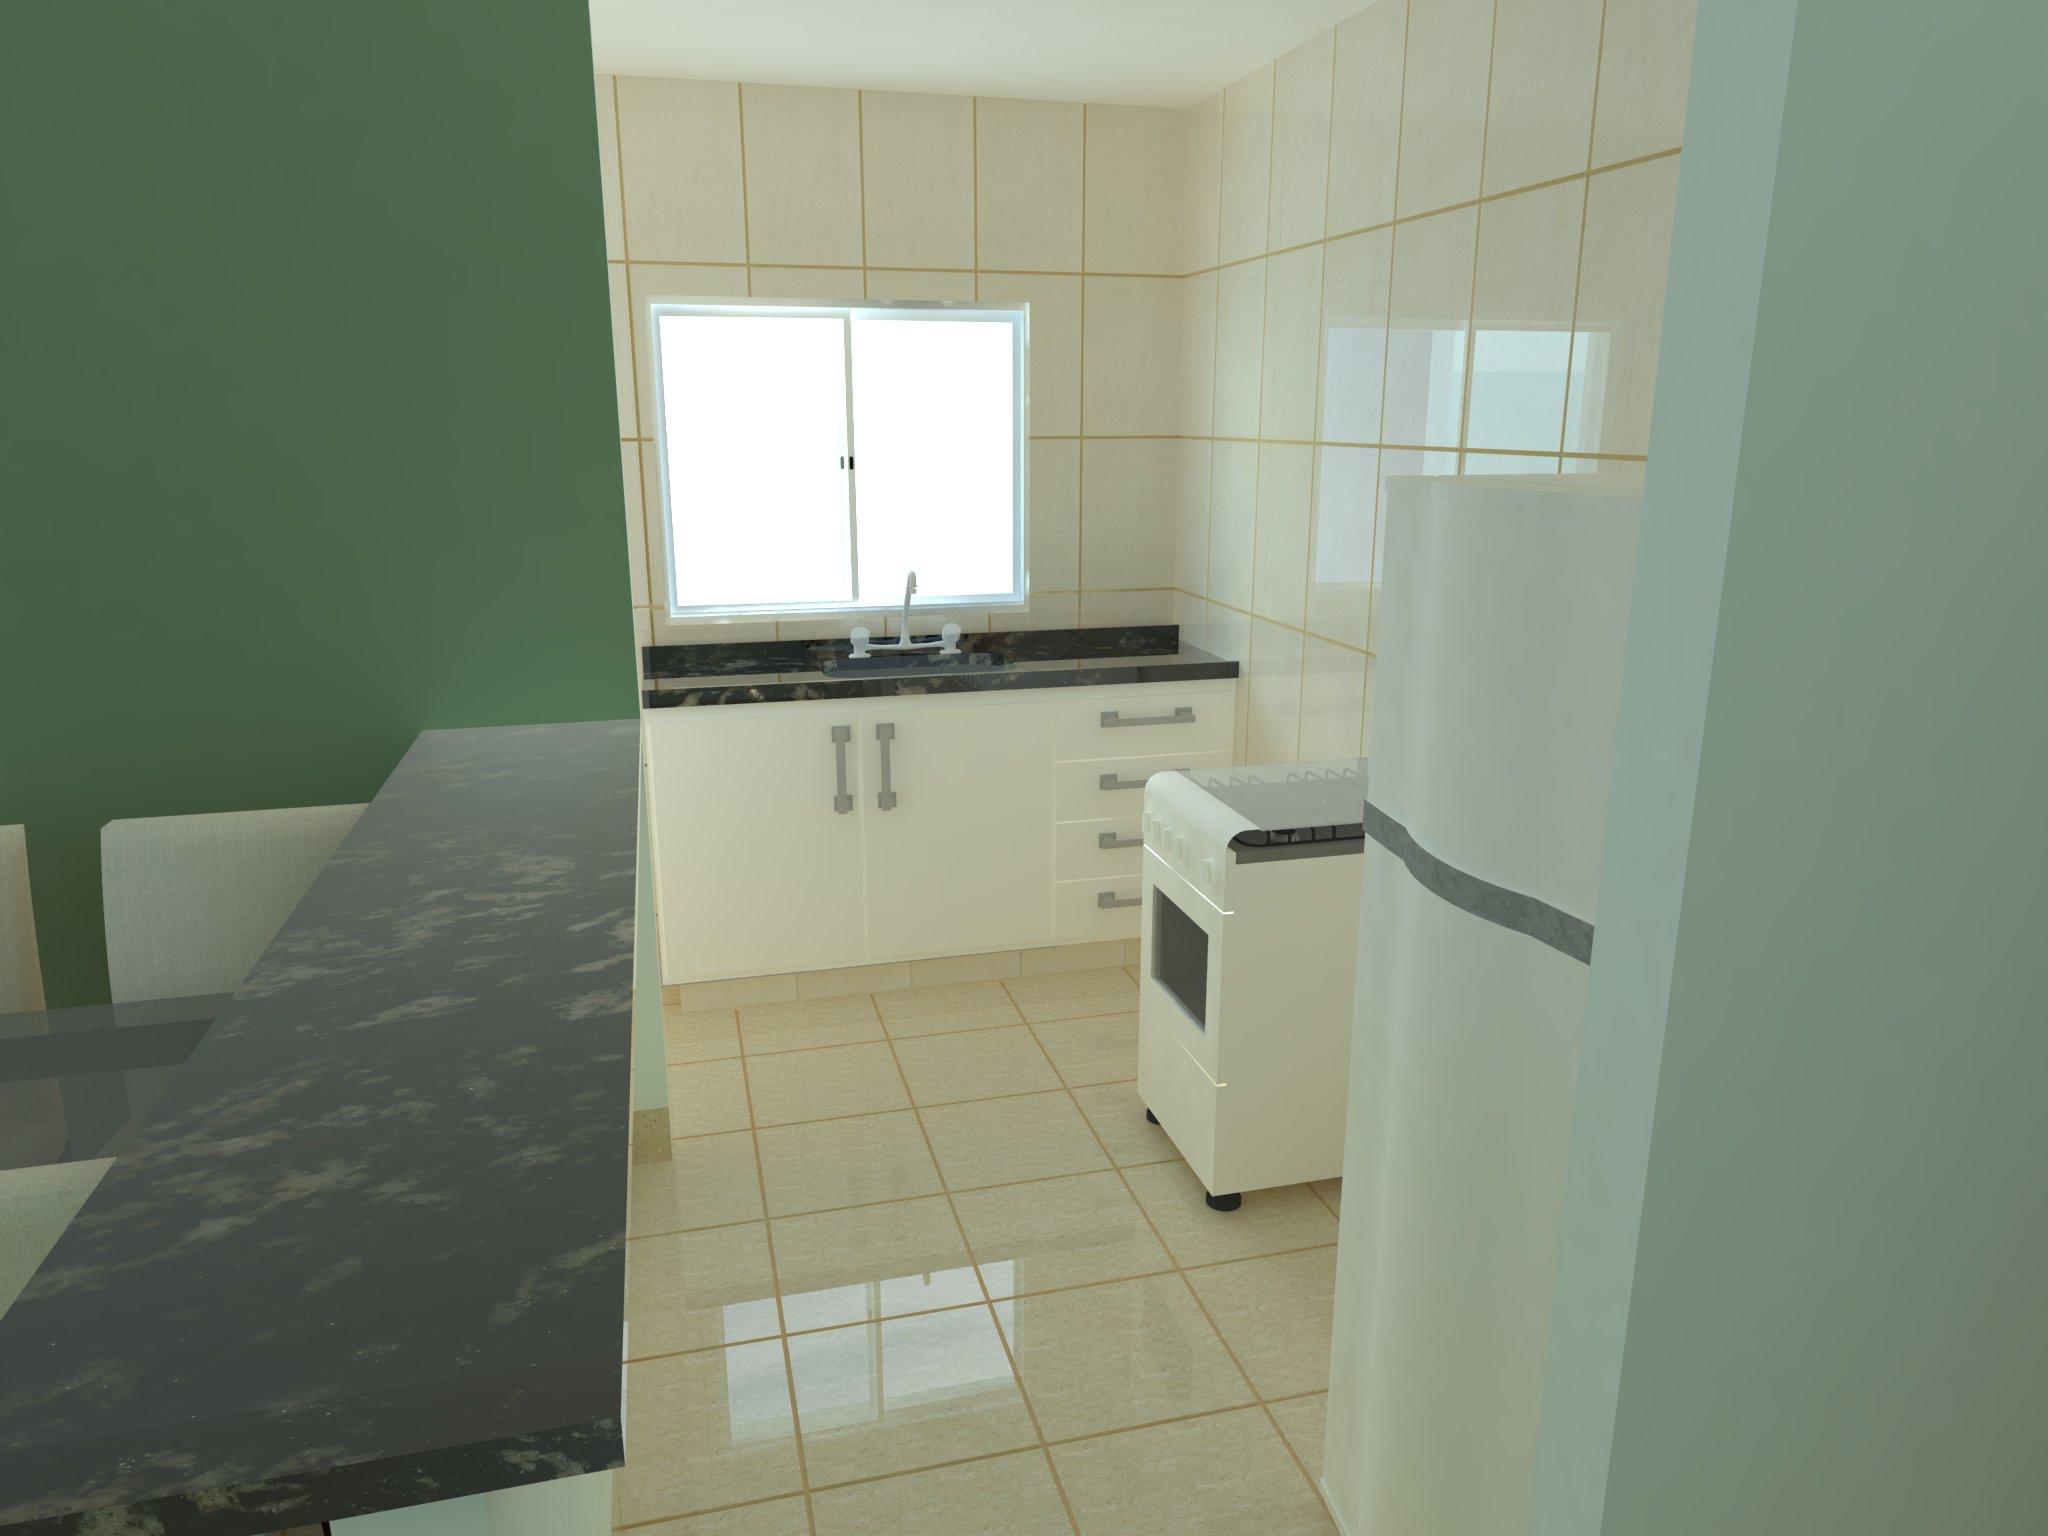 Cozinha 11.01.13.jpg